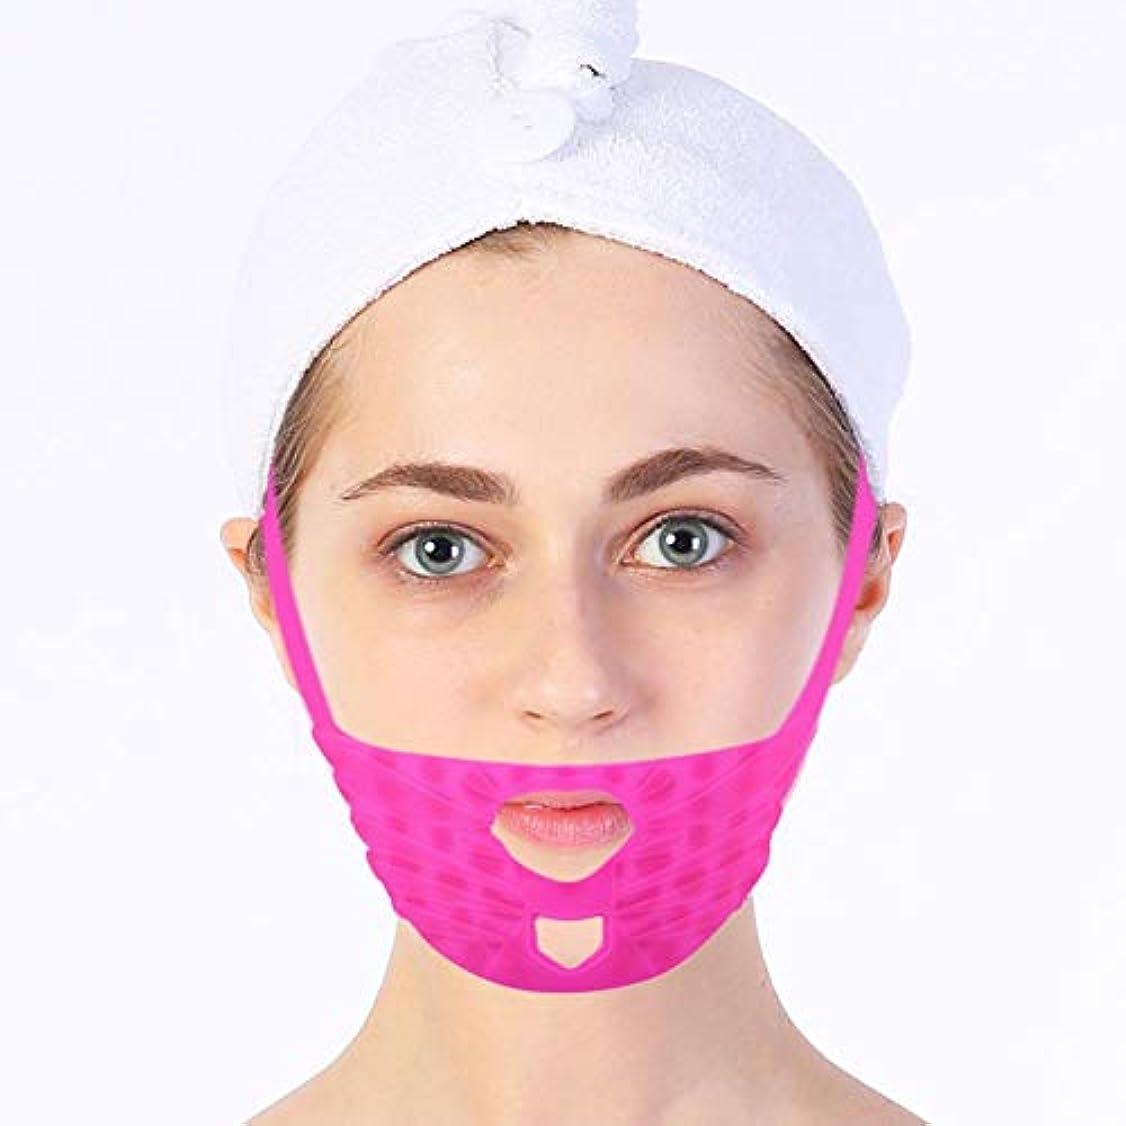 キャベツジュラシックパーク不足Semmeフェイシャルリフティング引き締め痩身マスク、マッサージフェイスシリコン包帯Vラインマスク首の圧縮二重あご、変更ダブルチェーンマスク引き締まった肌を減らす